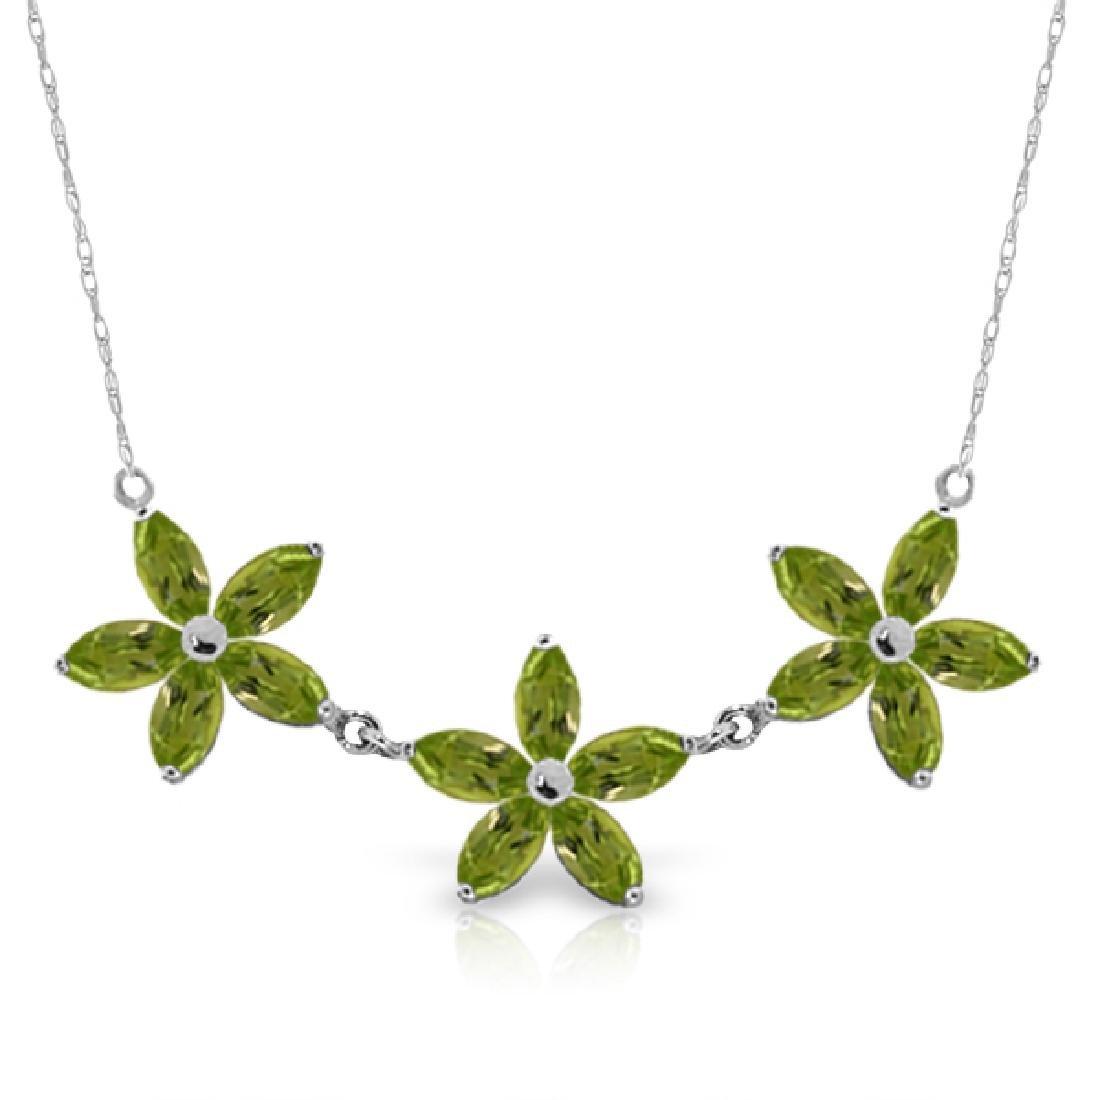 Genuine 4.2 ctw Peridot Necklace Jewelry 14KT White